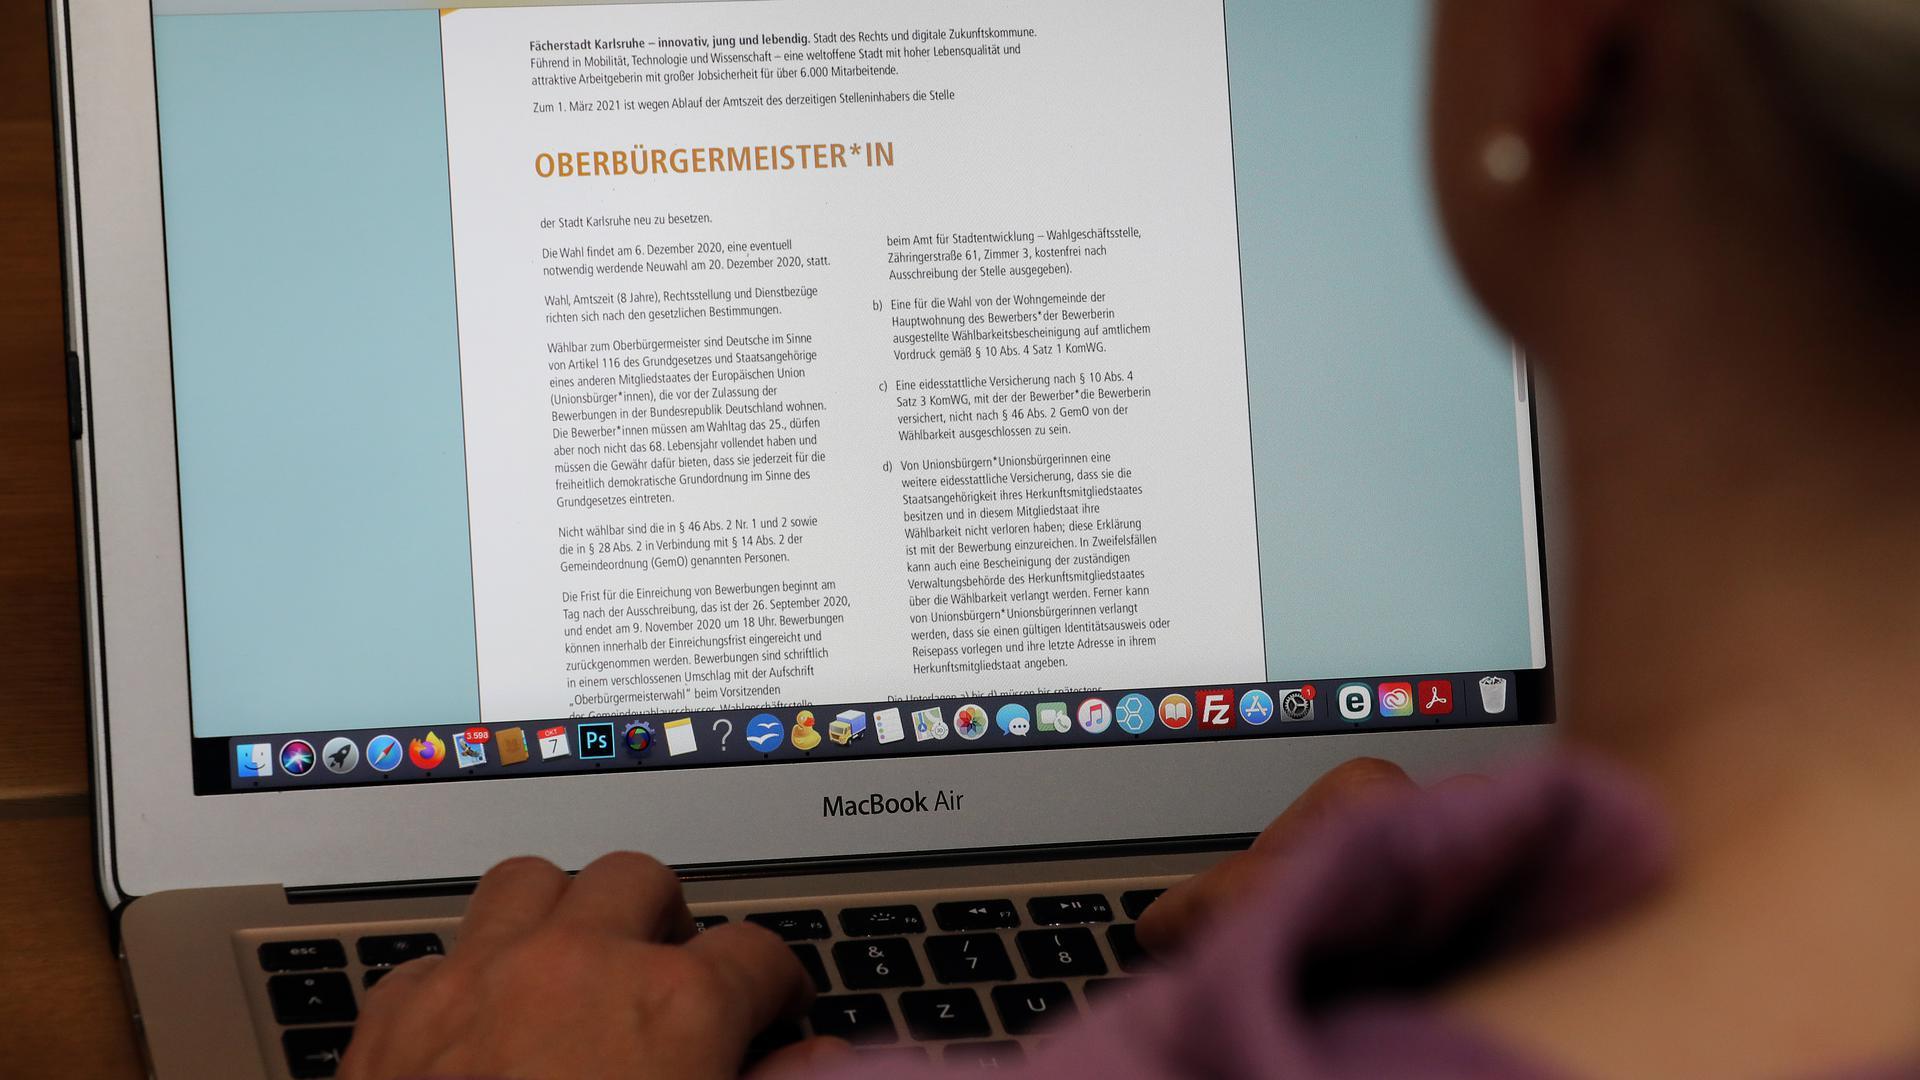 Blick auf Laptop mit der offiziellen OB-Stellenanzeige von Karlsruhe.